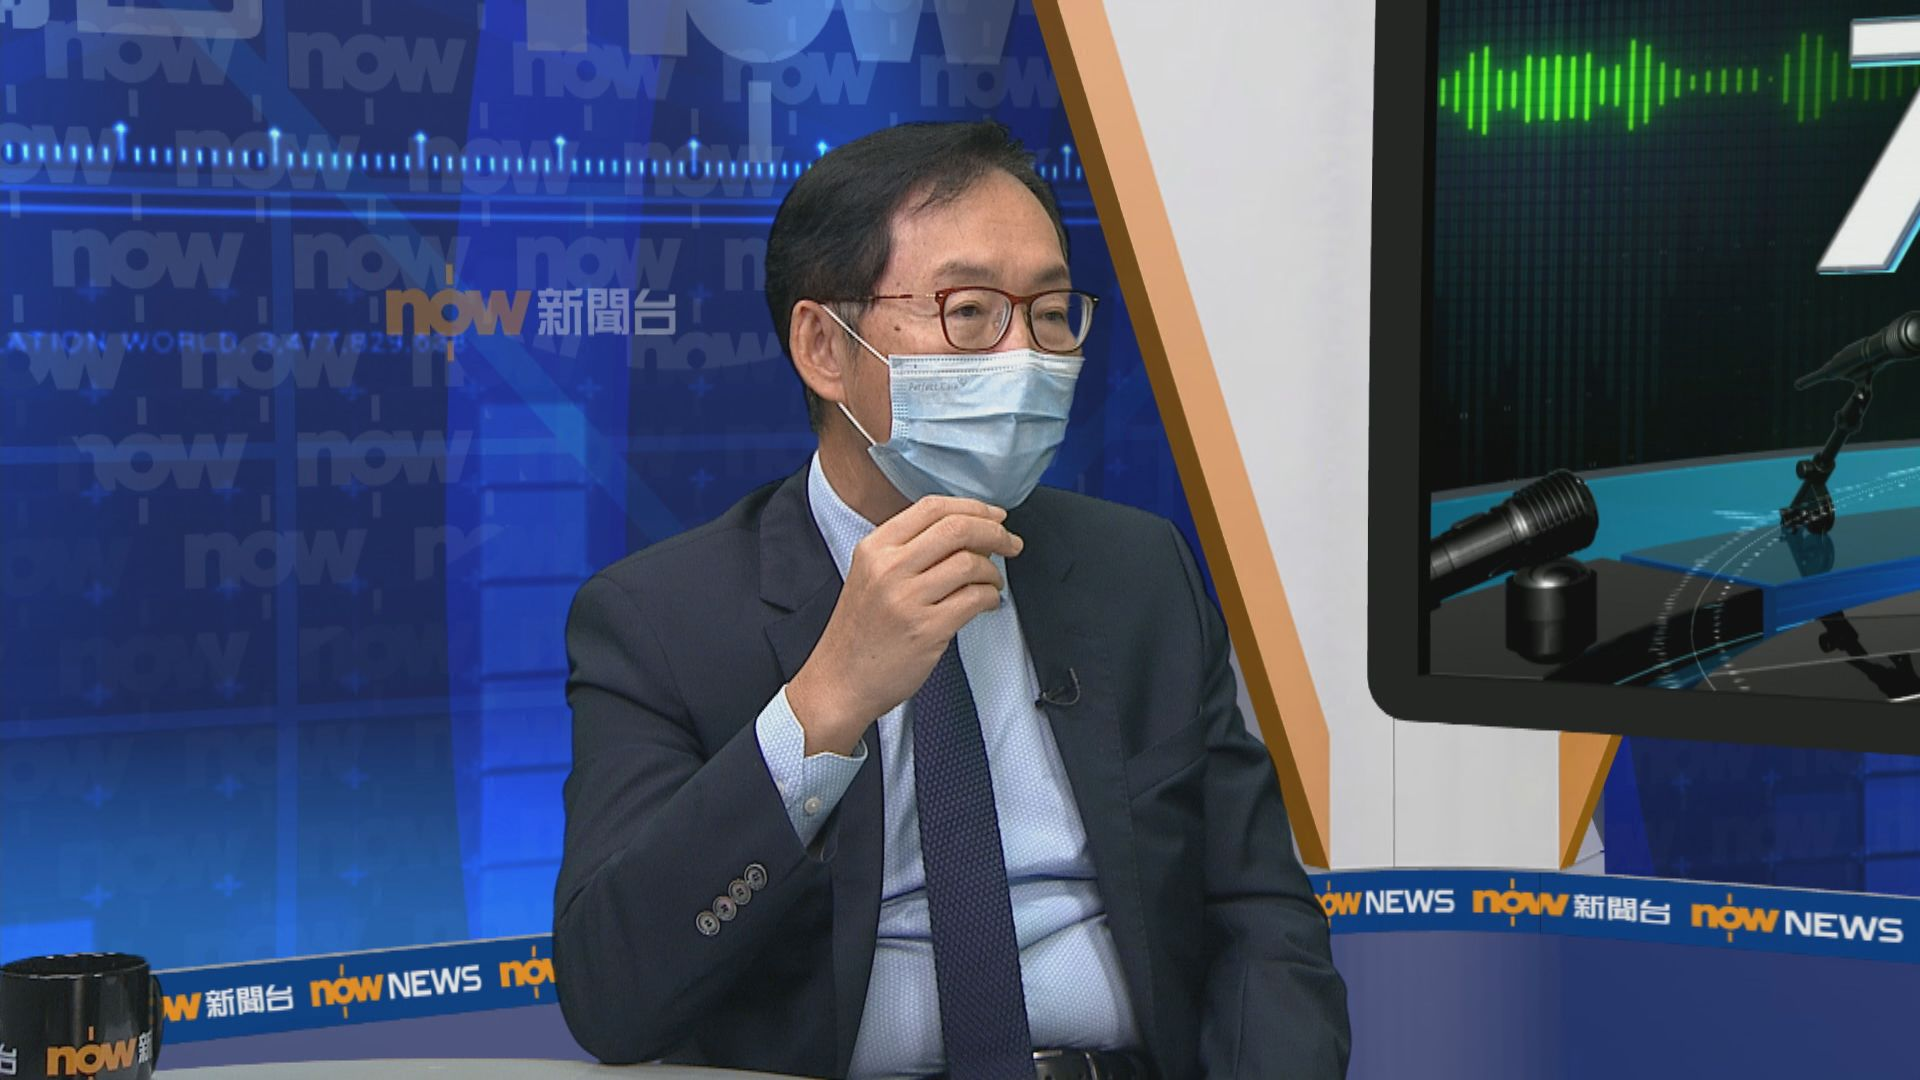 陳健波:爭取本月底完成表決第三輪防疫抗疫基金及抗疫措施撥款申請